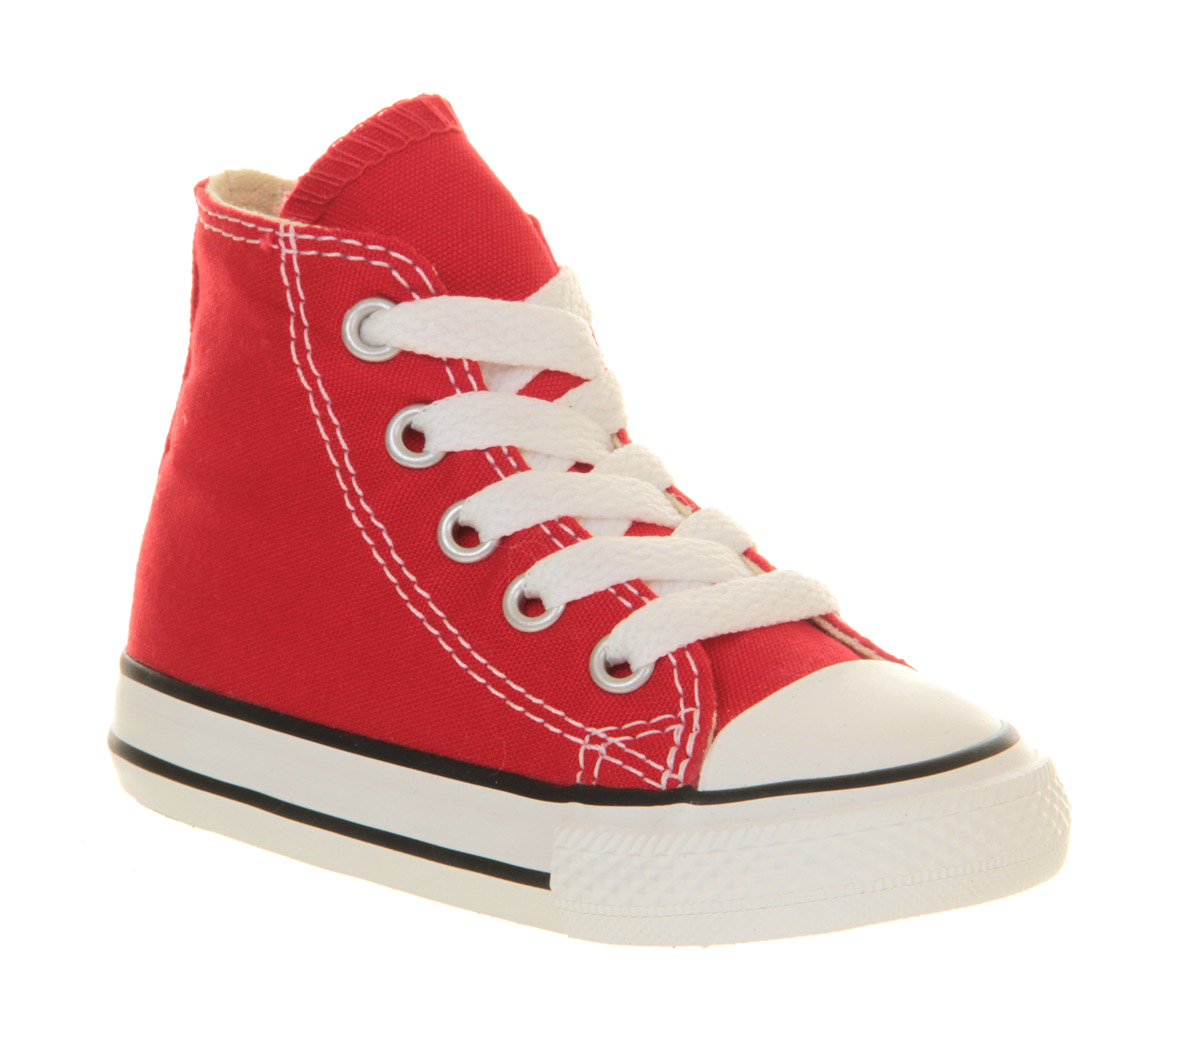 9554398250b Sentinel Kids Converse Small Star Hi Canvas Red Kids